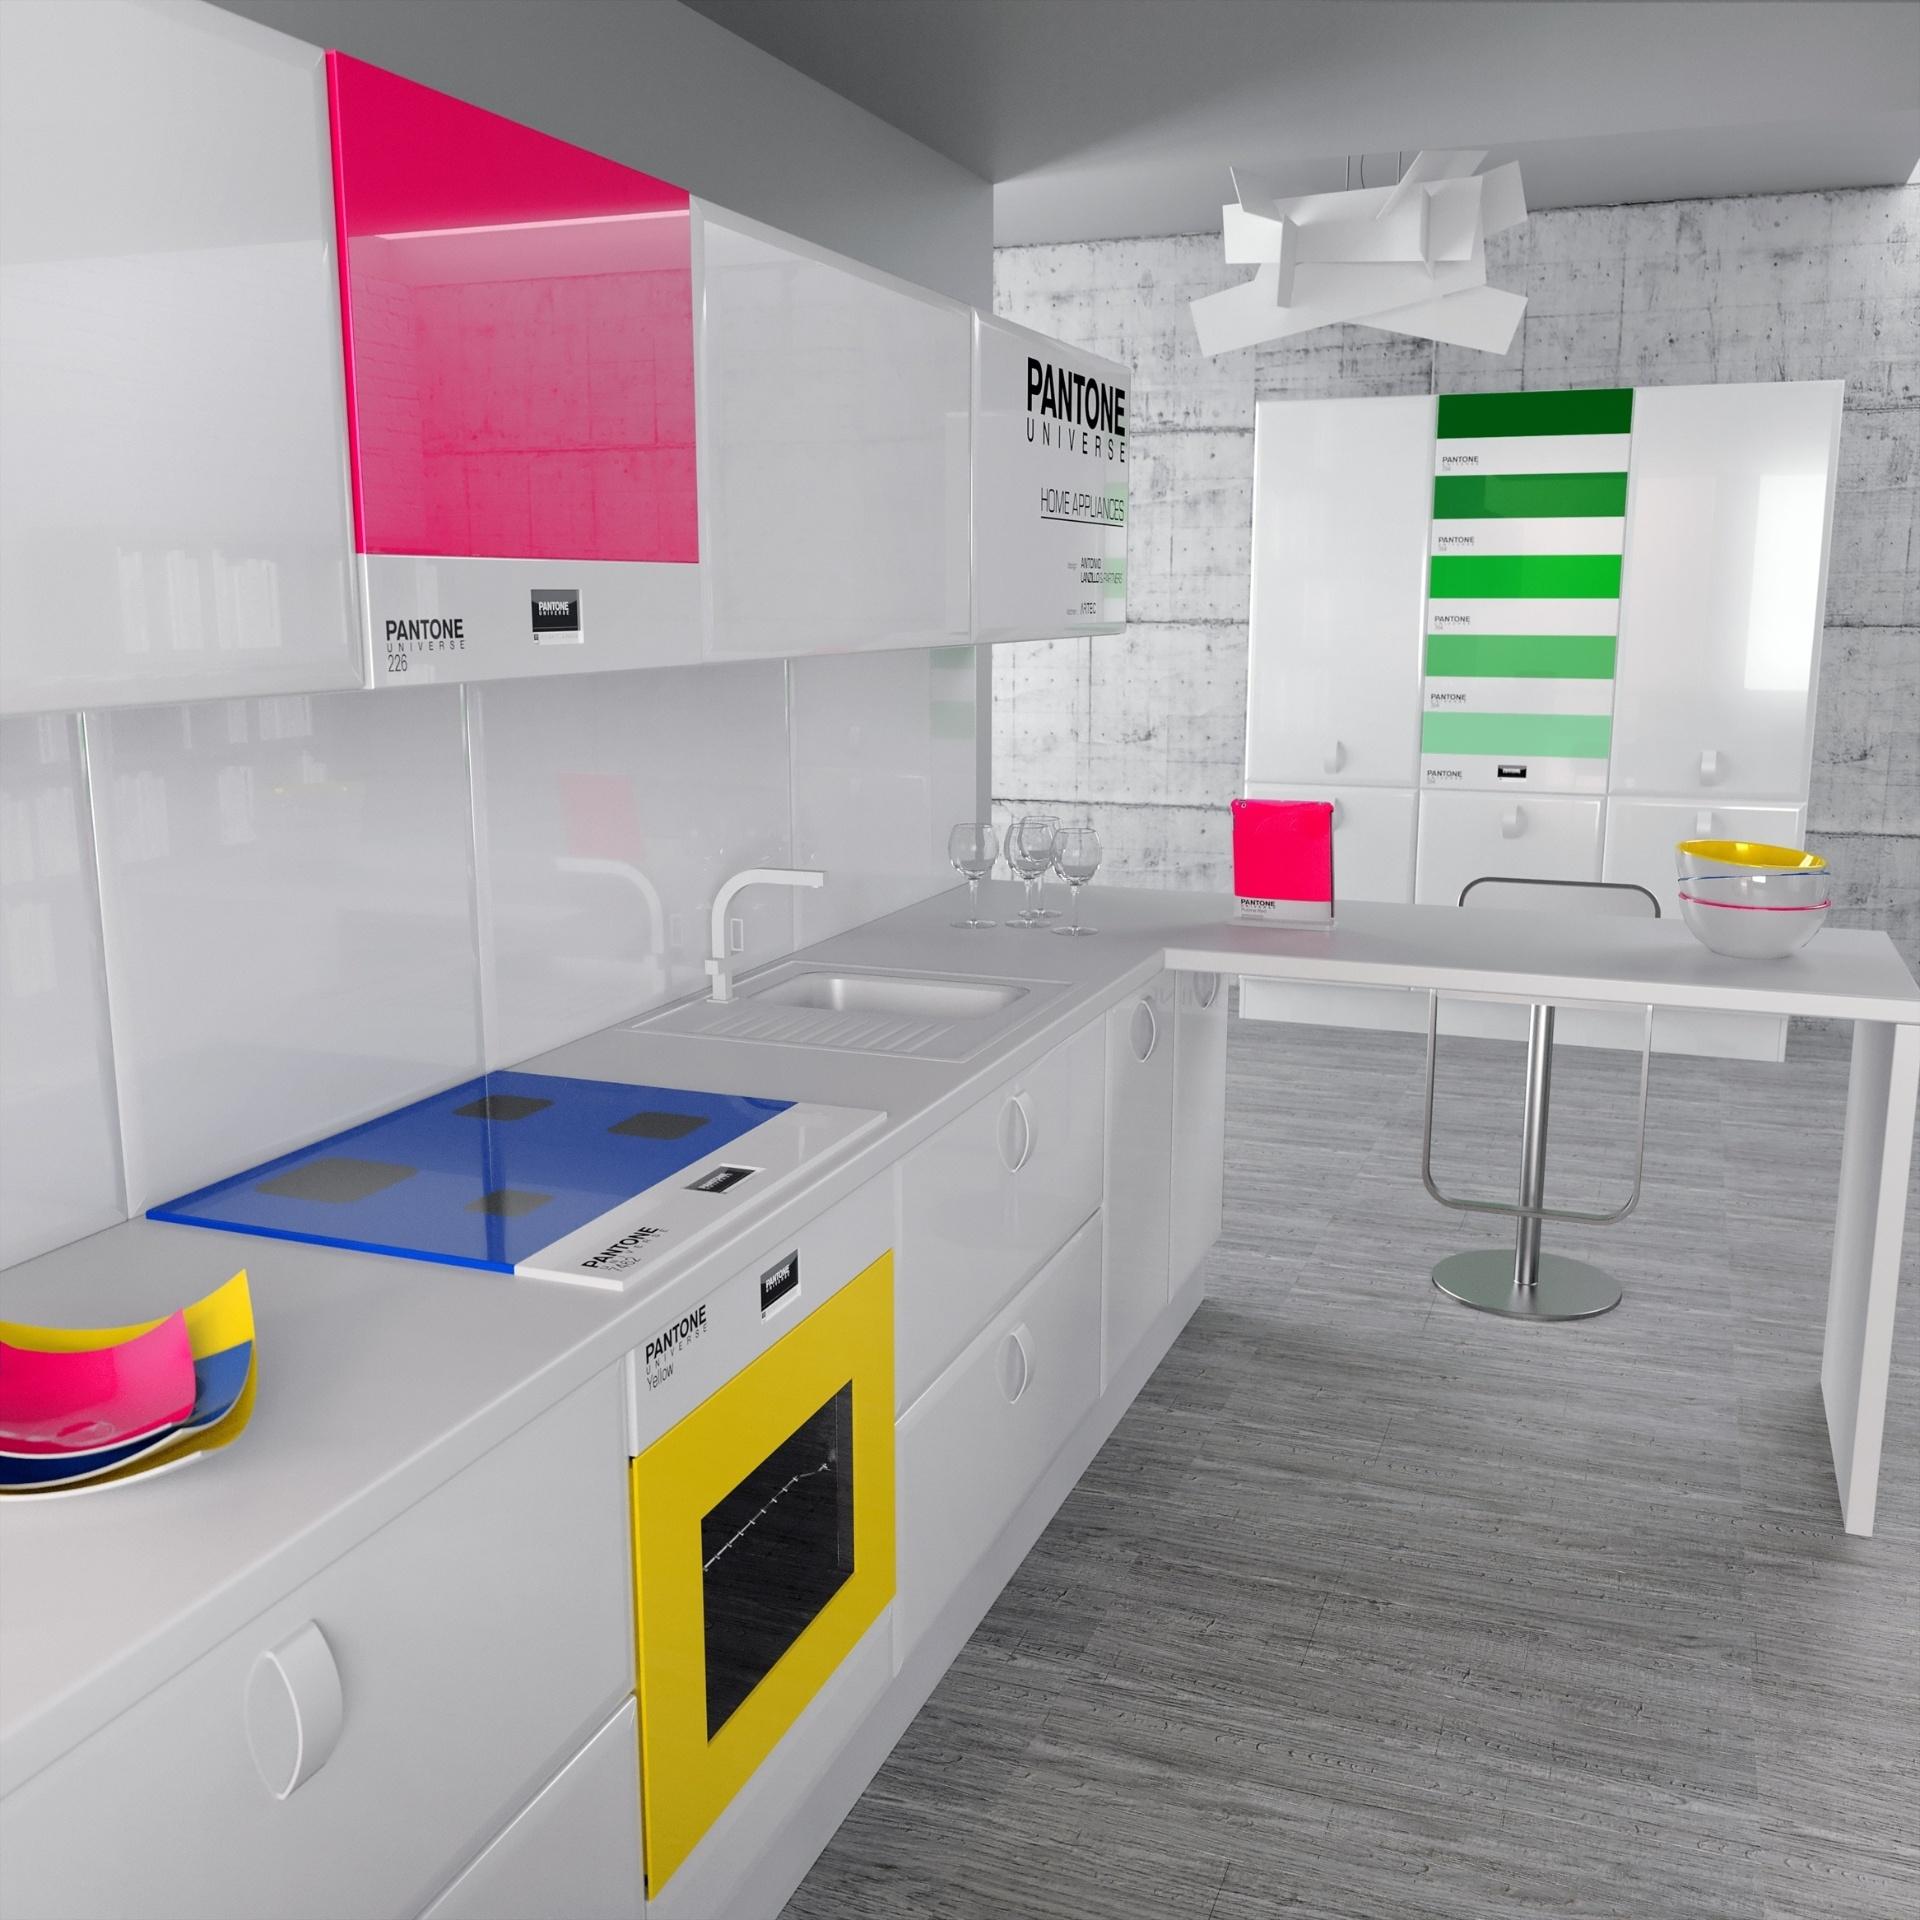 Cores na cozinha: o estúdio de design italiano, Antonio Lanzillo & Partners, desenvolveu eletrodomésticos e objetos coloridos criados a partir das matizes da escala Pantone